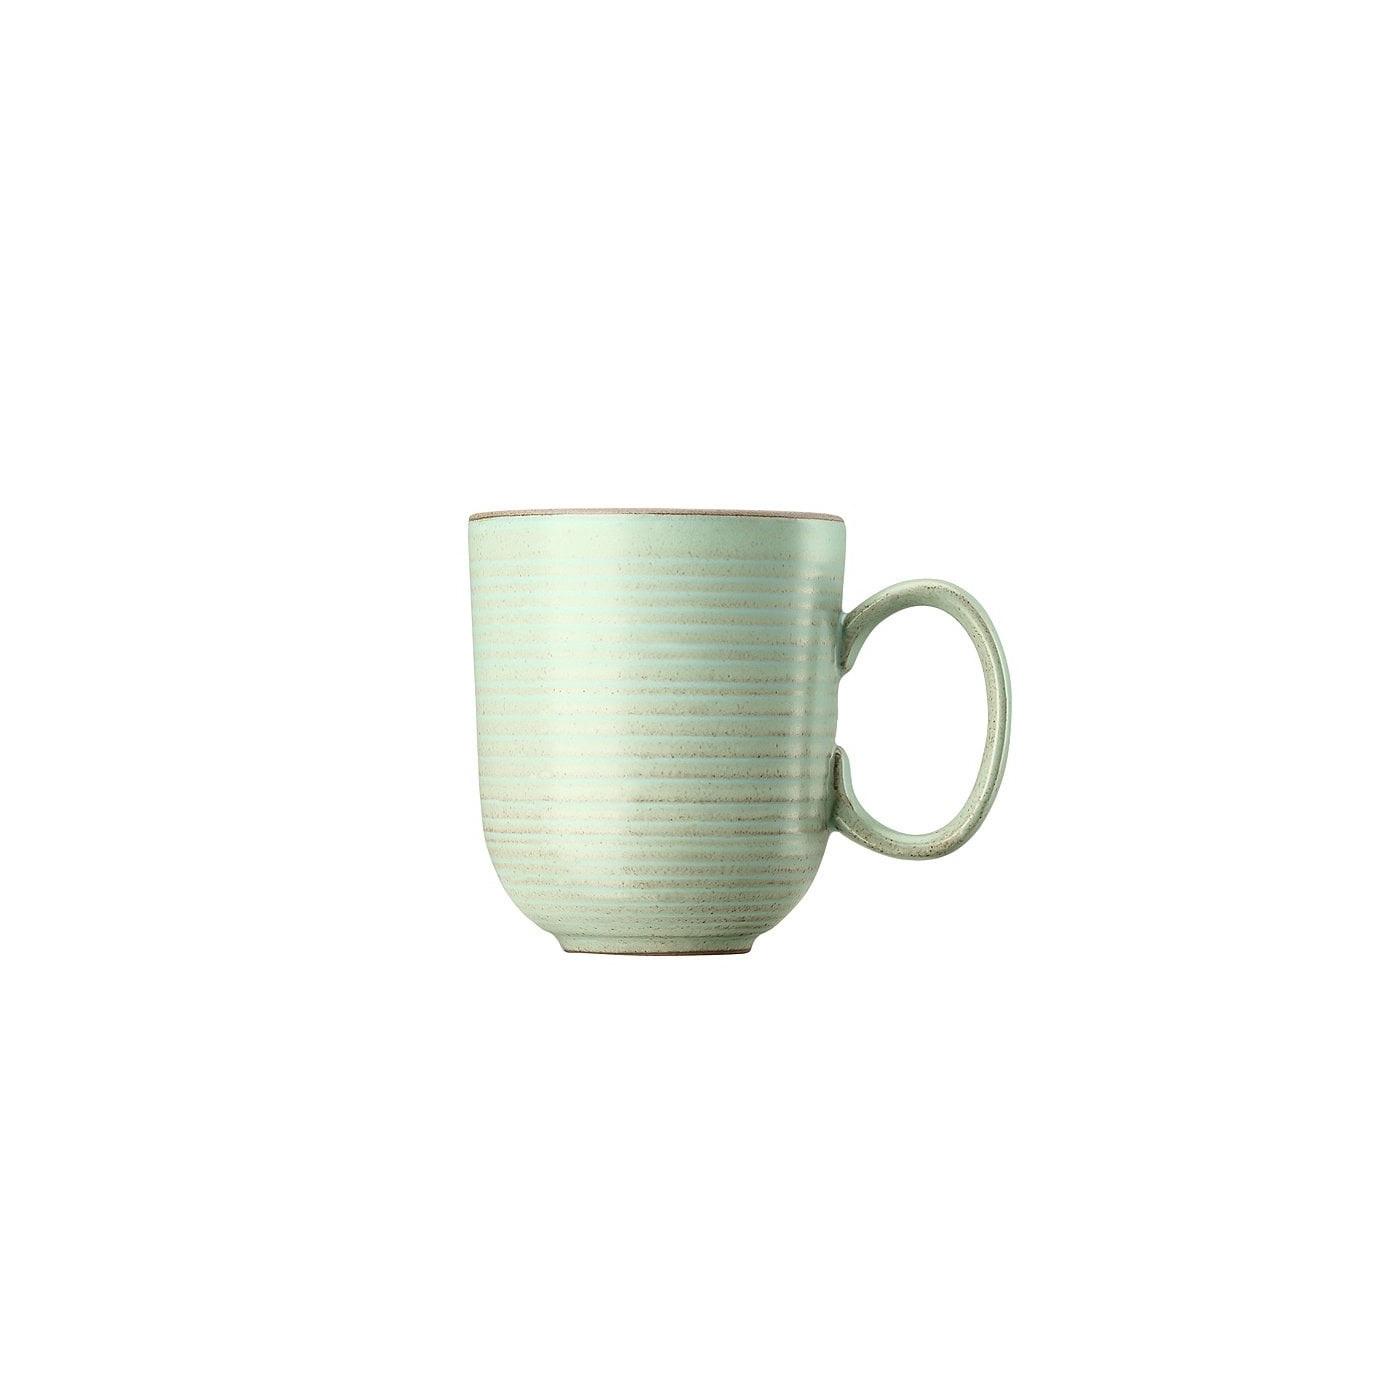 Онлайн каталог PROMENU: Кружка с ручкой керамическая Thomas Nature, объем 0,4 л, серый                                   21730-227072-65505